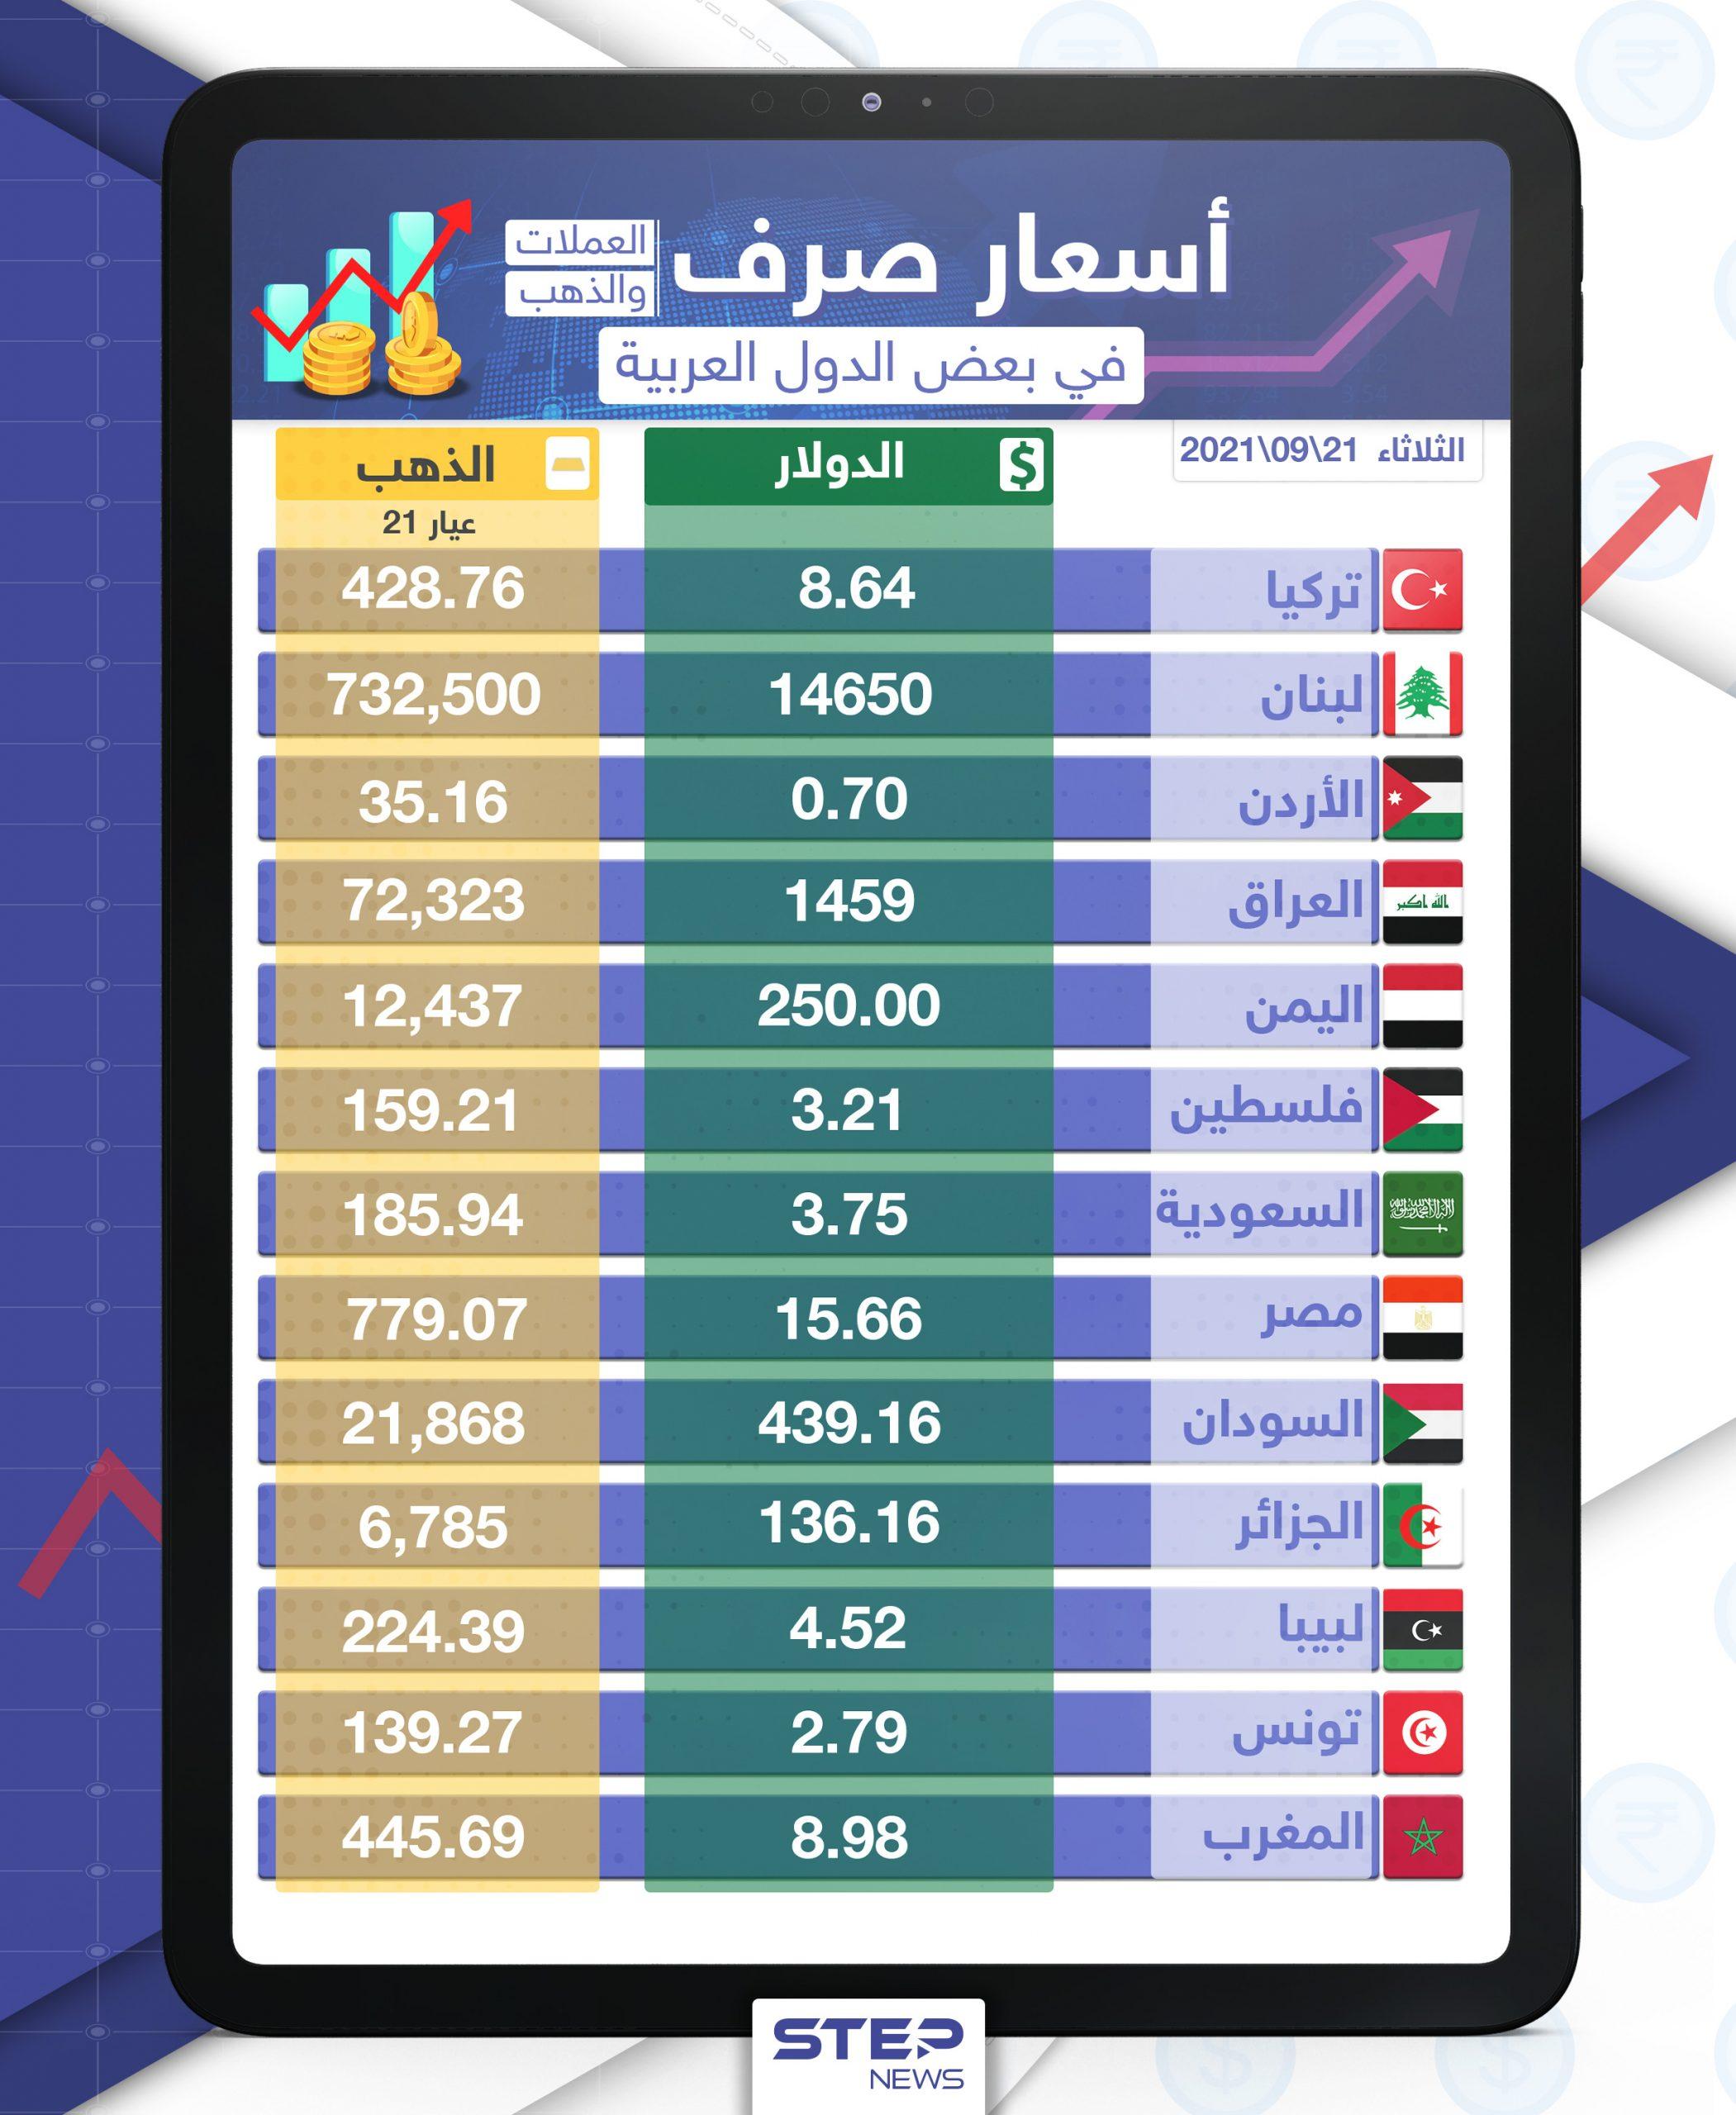 أسعار الذهب والعملات للدول العربية وتركيا اليوم الاثنين الموافق 20 أيلول 2021